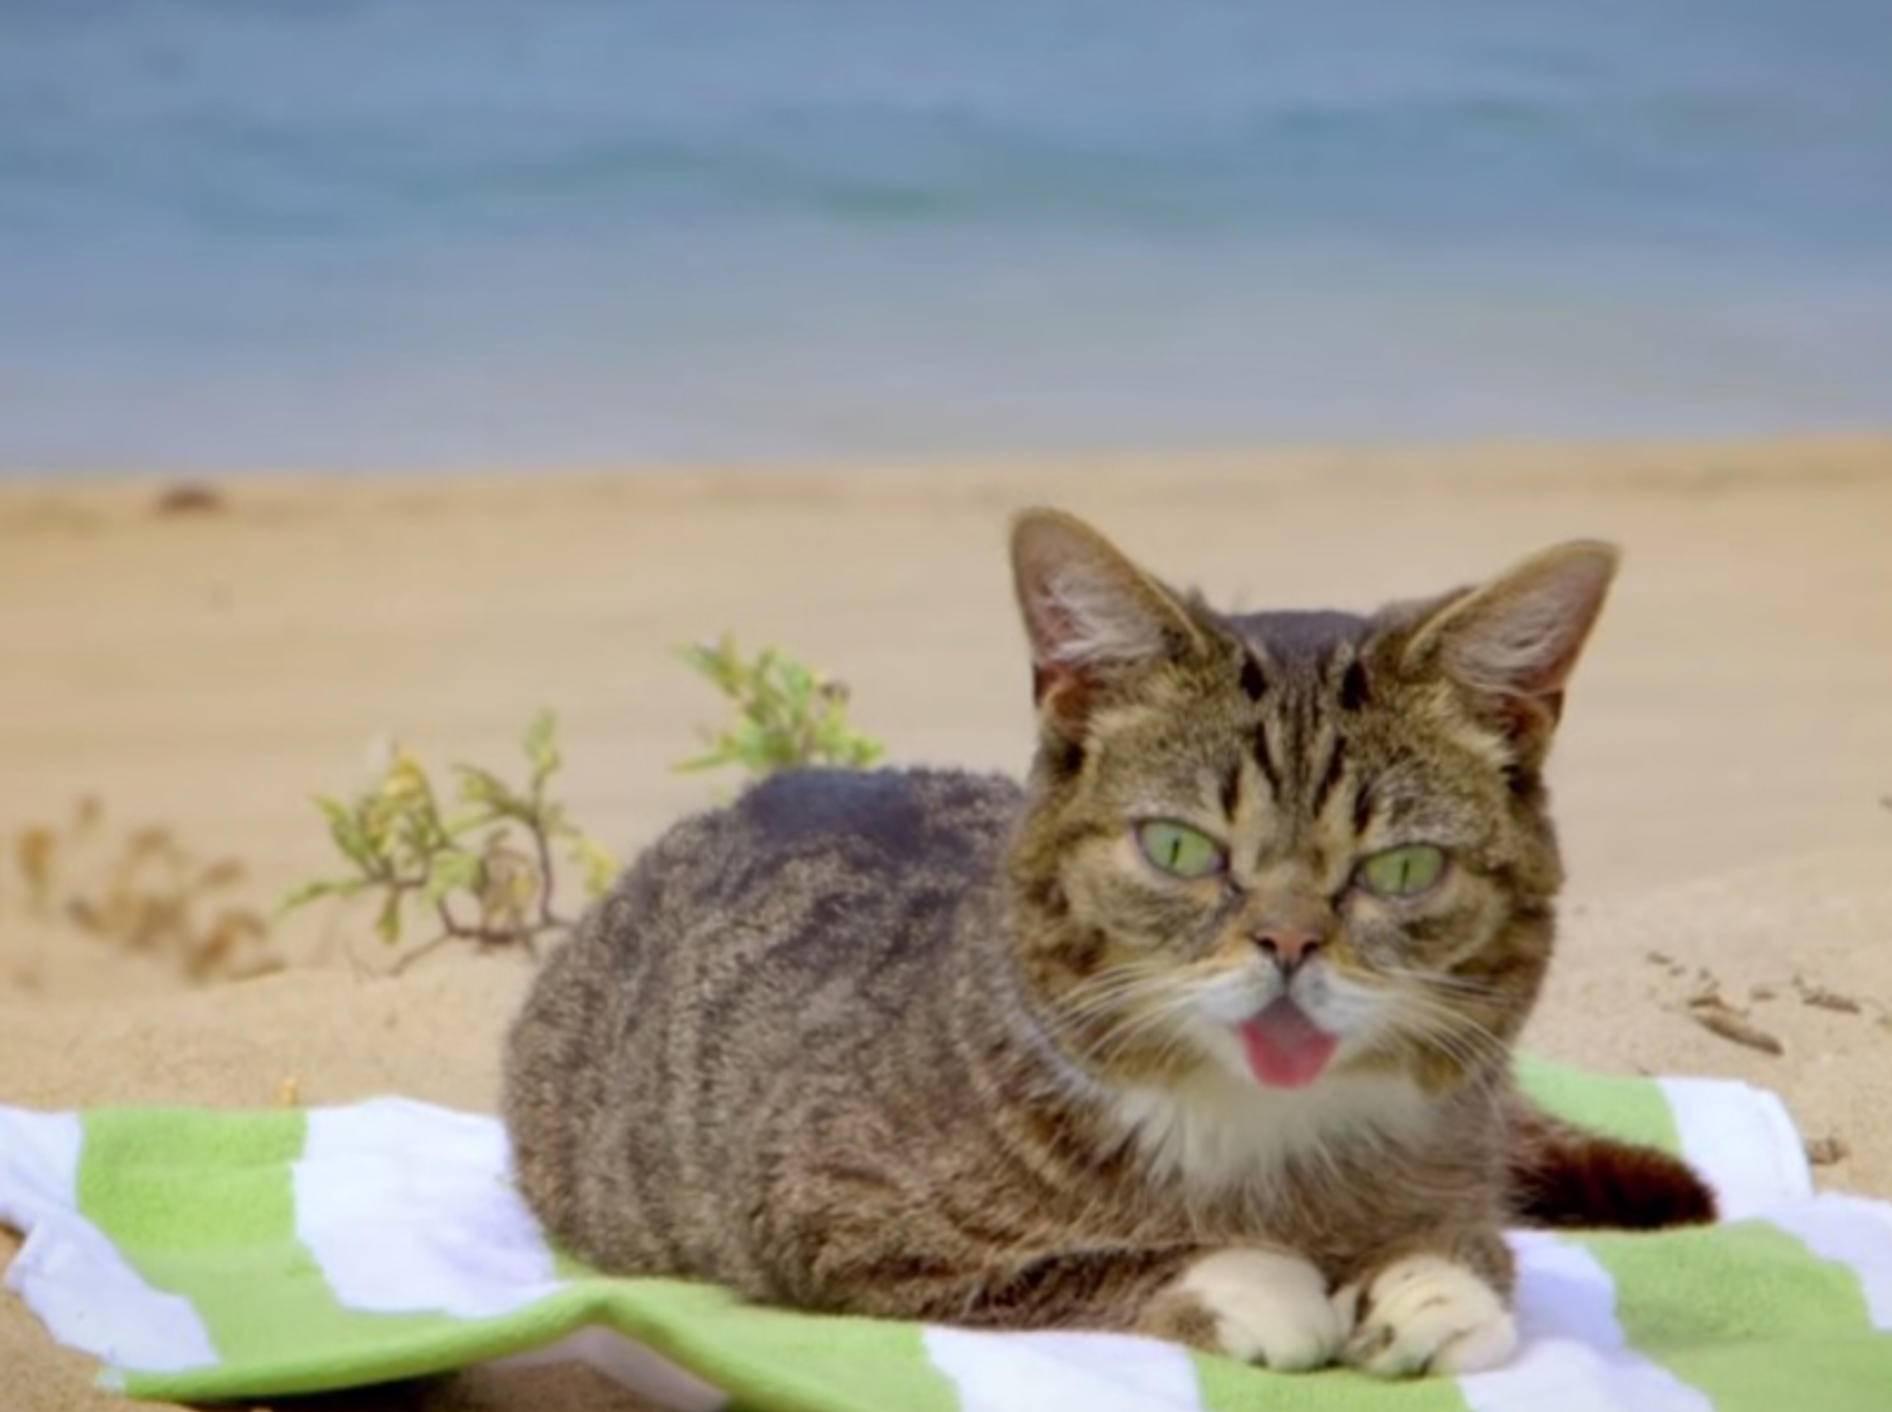 Lil Bub schnurrt sich in Sommerlaune – Bild: Youtube / Lil BUB